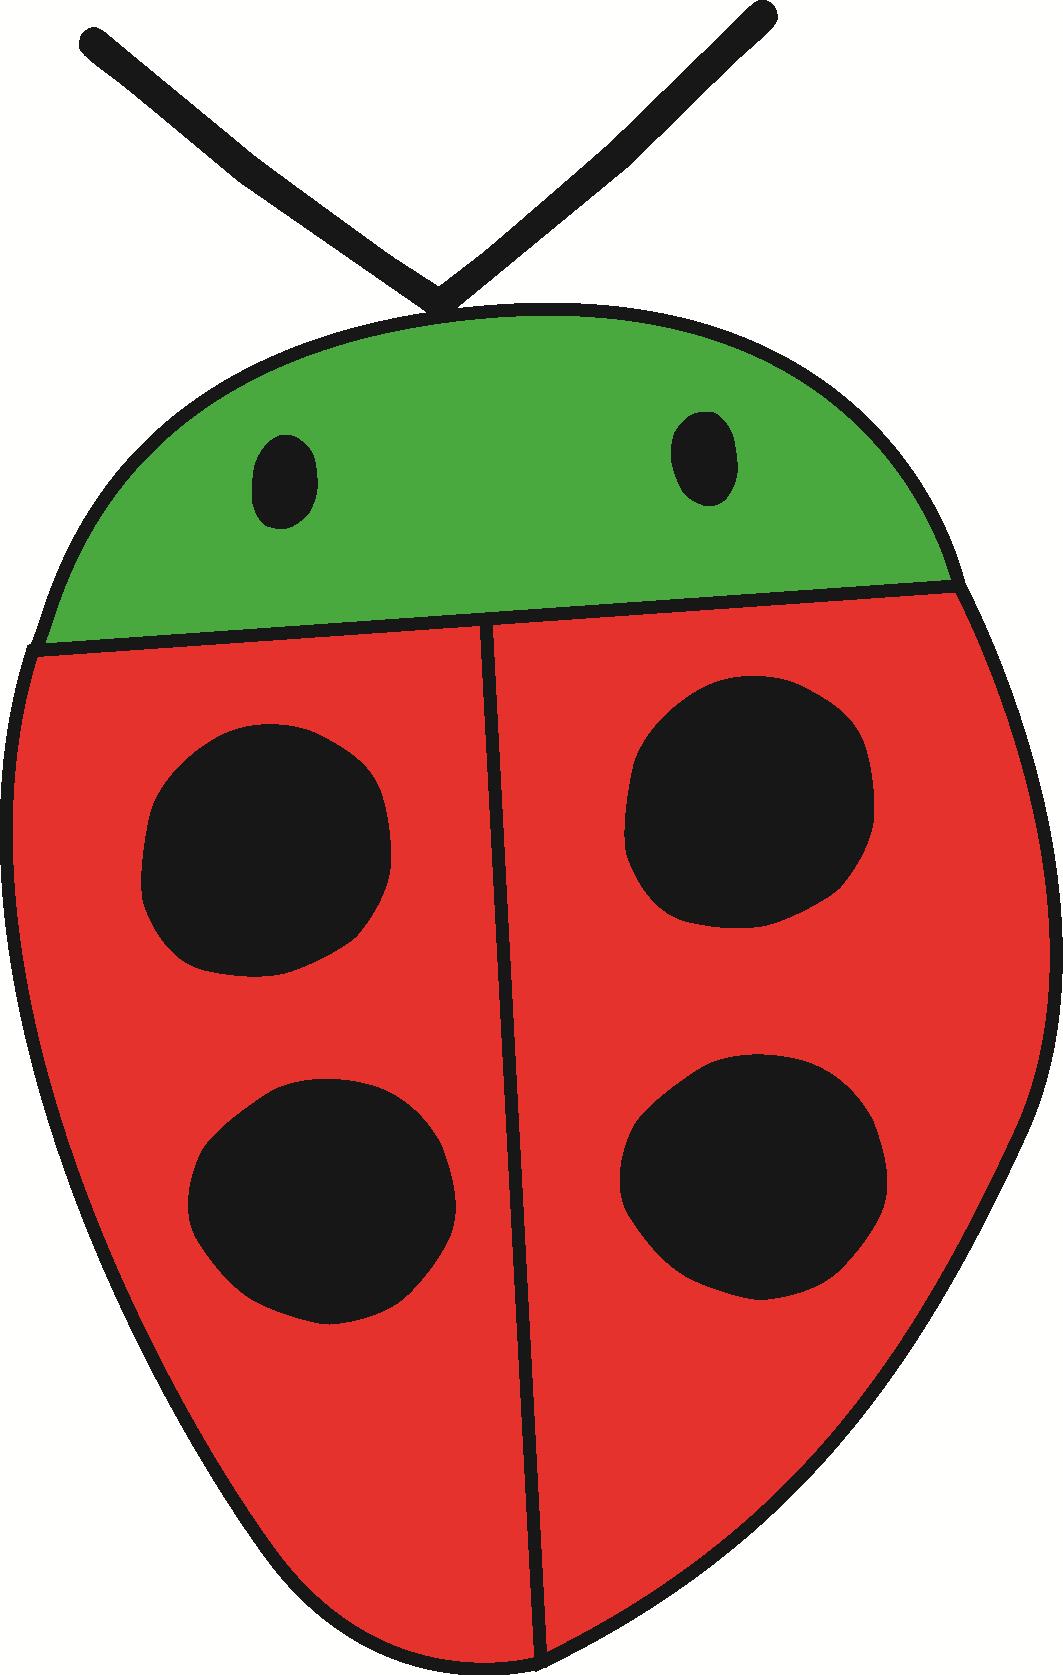 lieveheersbeestje kleur